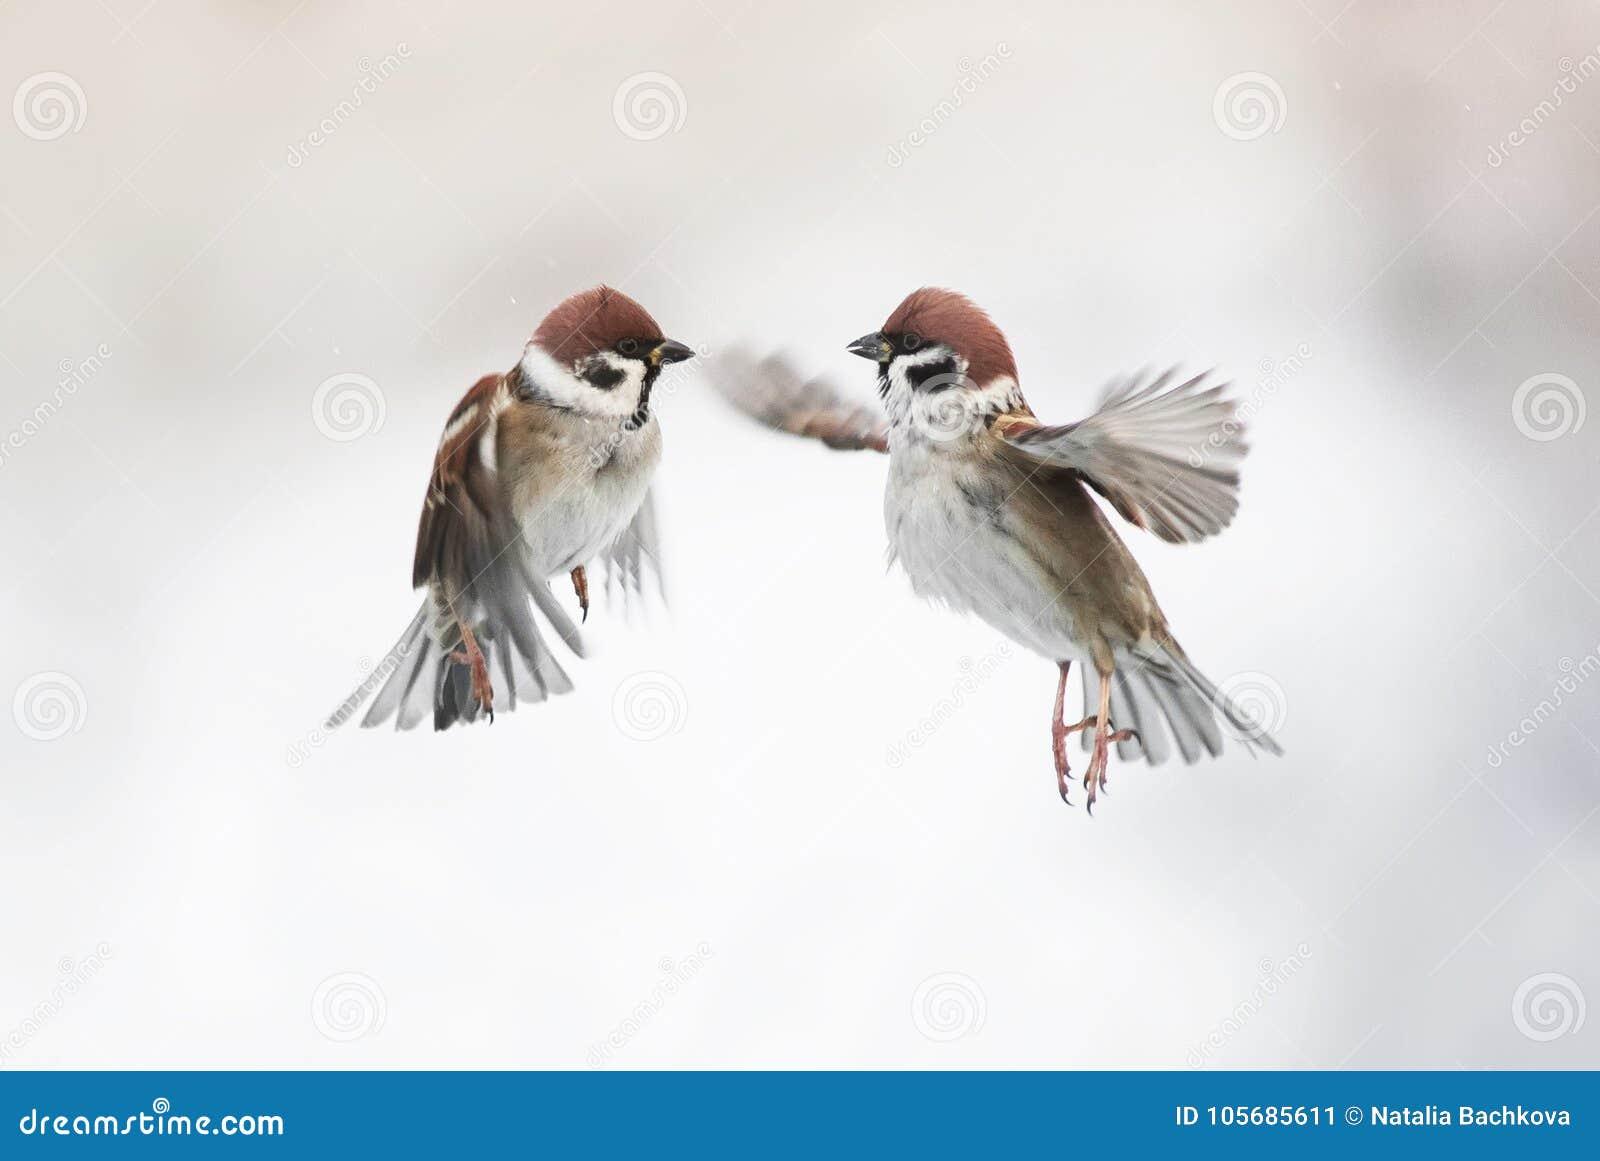 Zwei nette kleine Spatzenvögel, die in die Luft und in verbreitete ihr fliegen